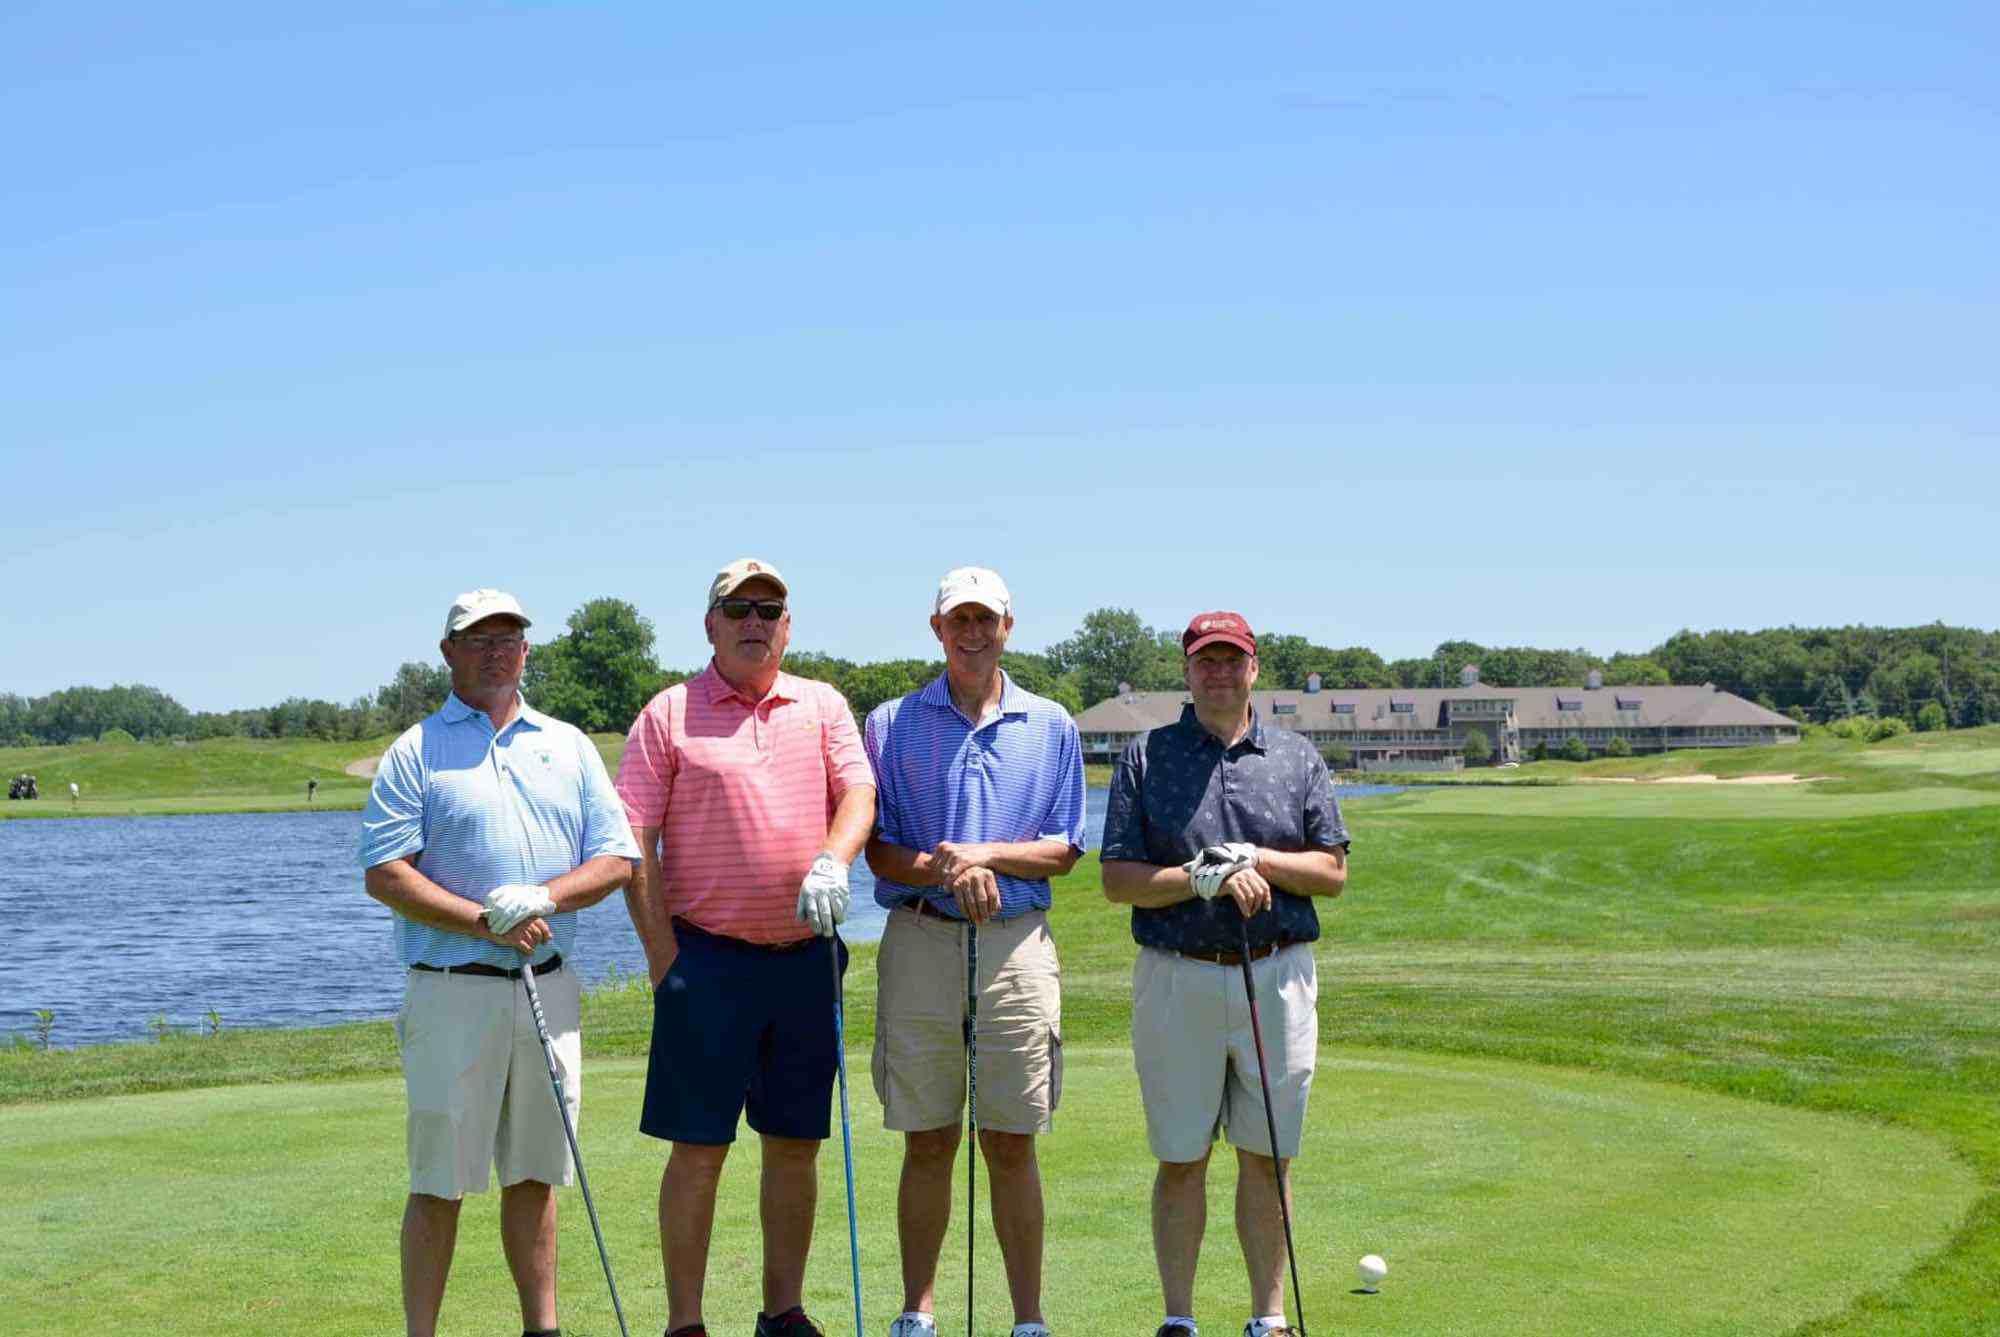 LUMBERMEN'S - BEST BALL 1st PLACE (Left to right): Steve Petersen, Roger Vanderheide, Henry J. Bouma, Dale Bryant